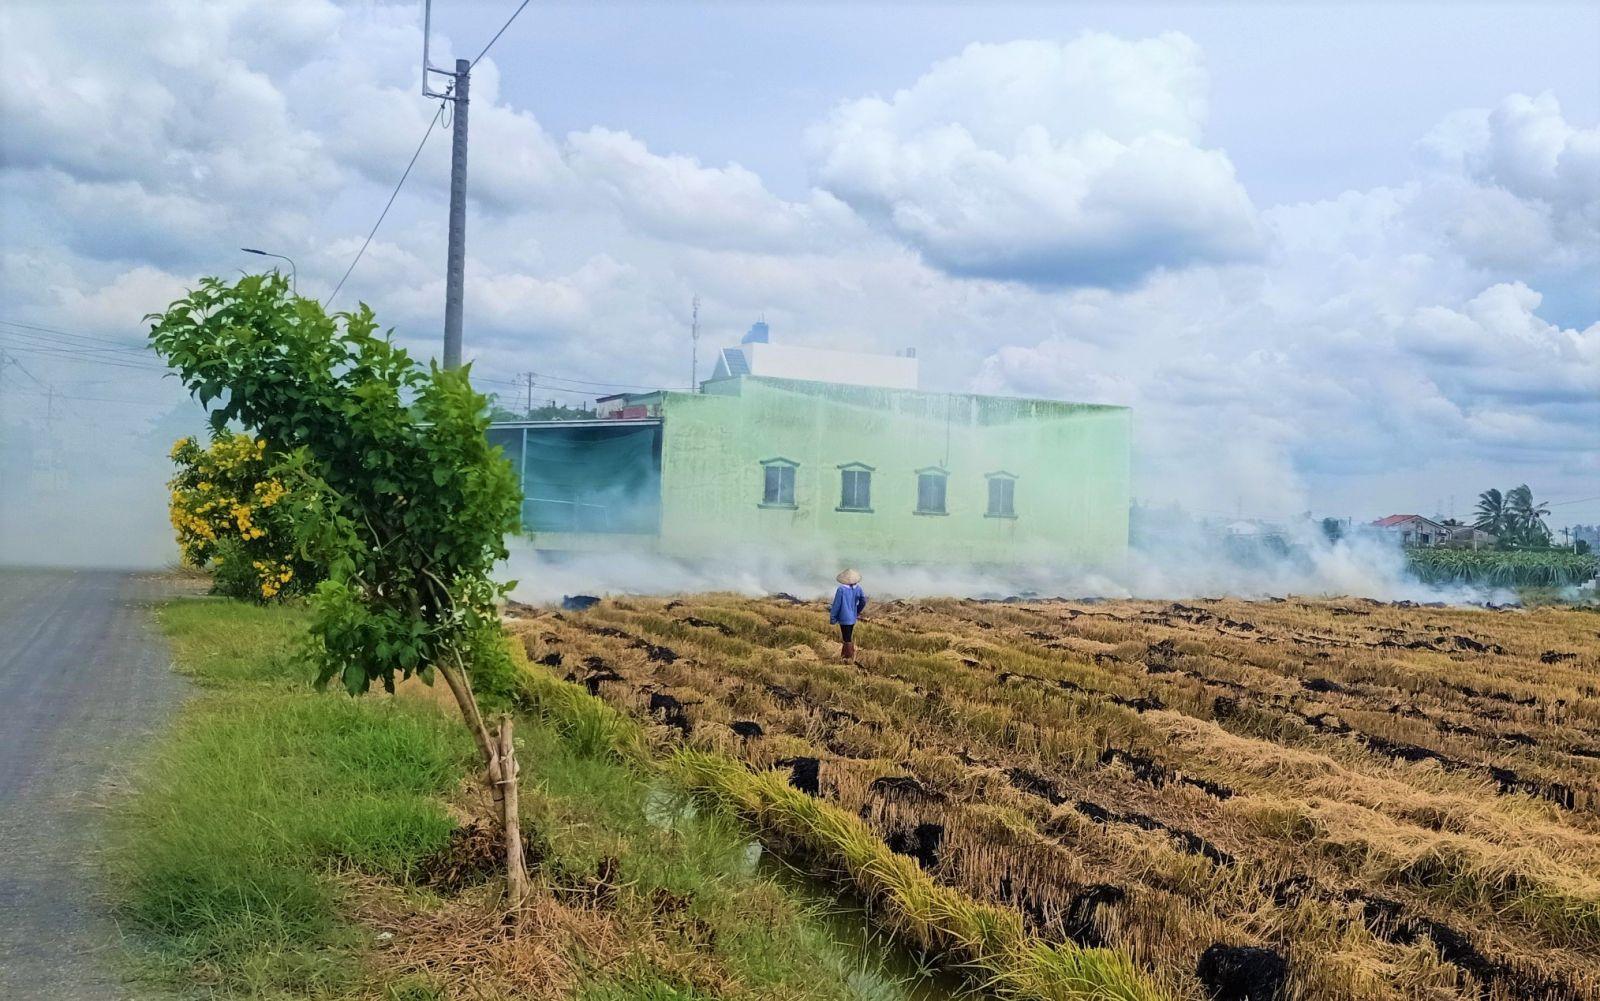 Việc đốt đồng sau mùa thu hoạch tiềm ẩn nguy cơ xảy ra hỏa hoạn